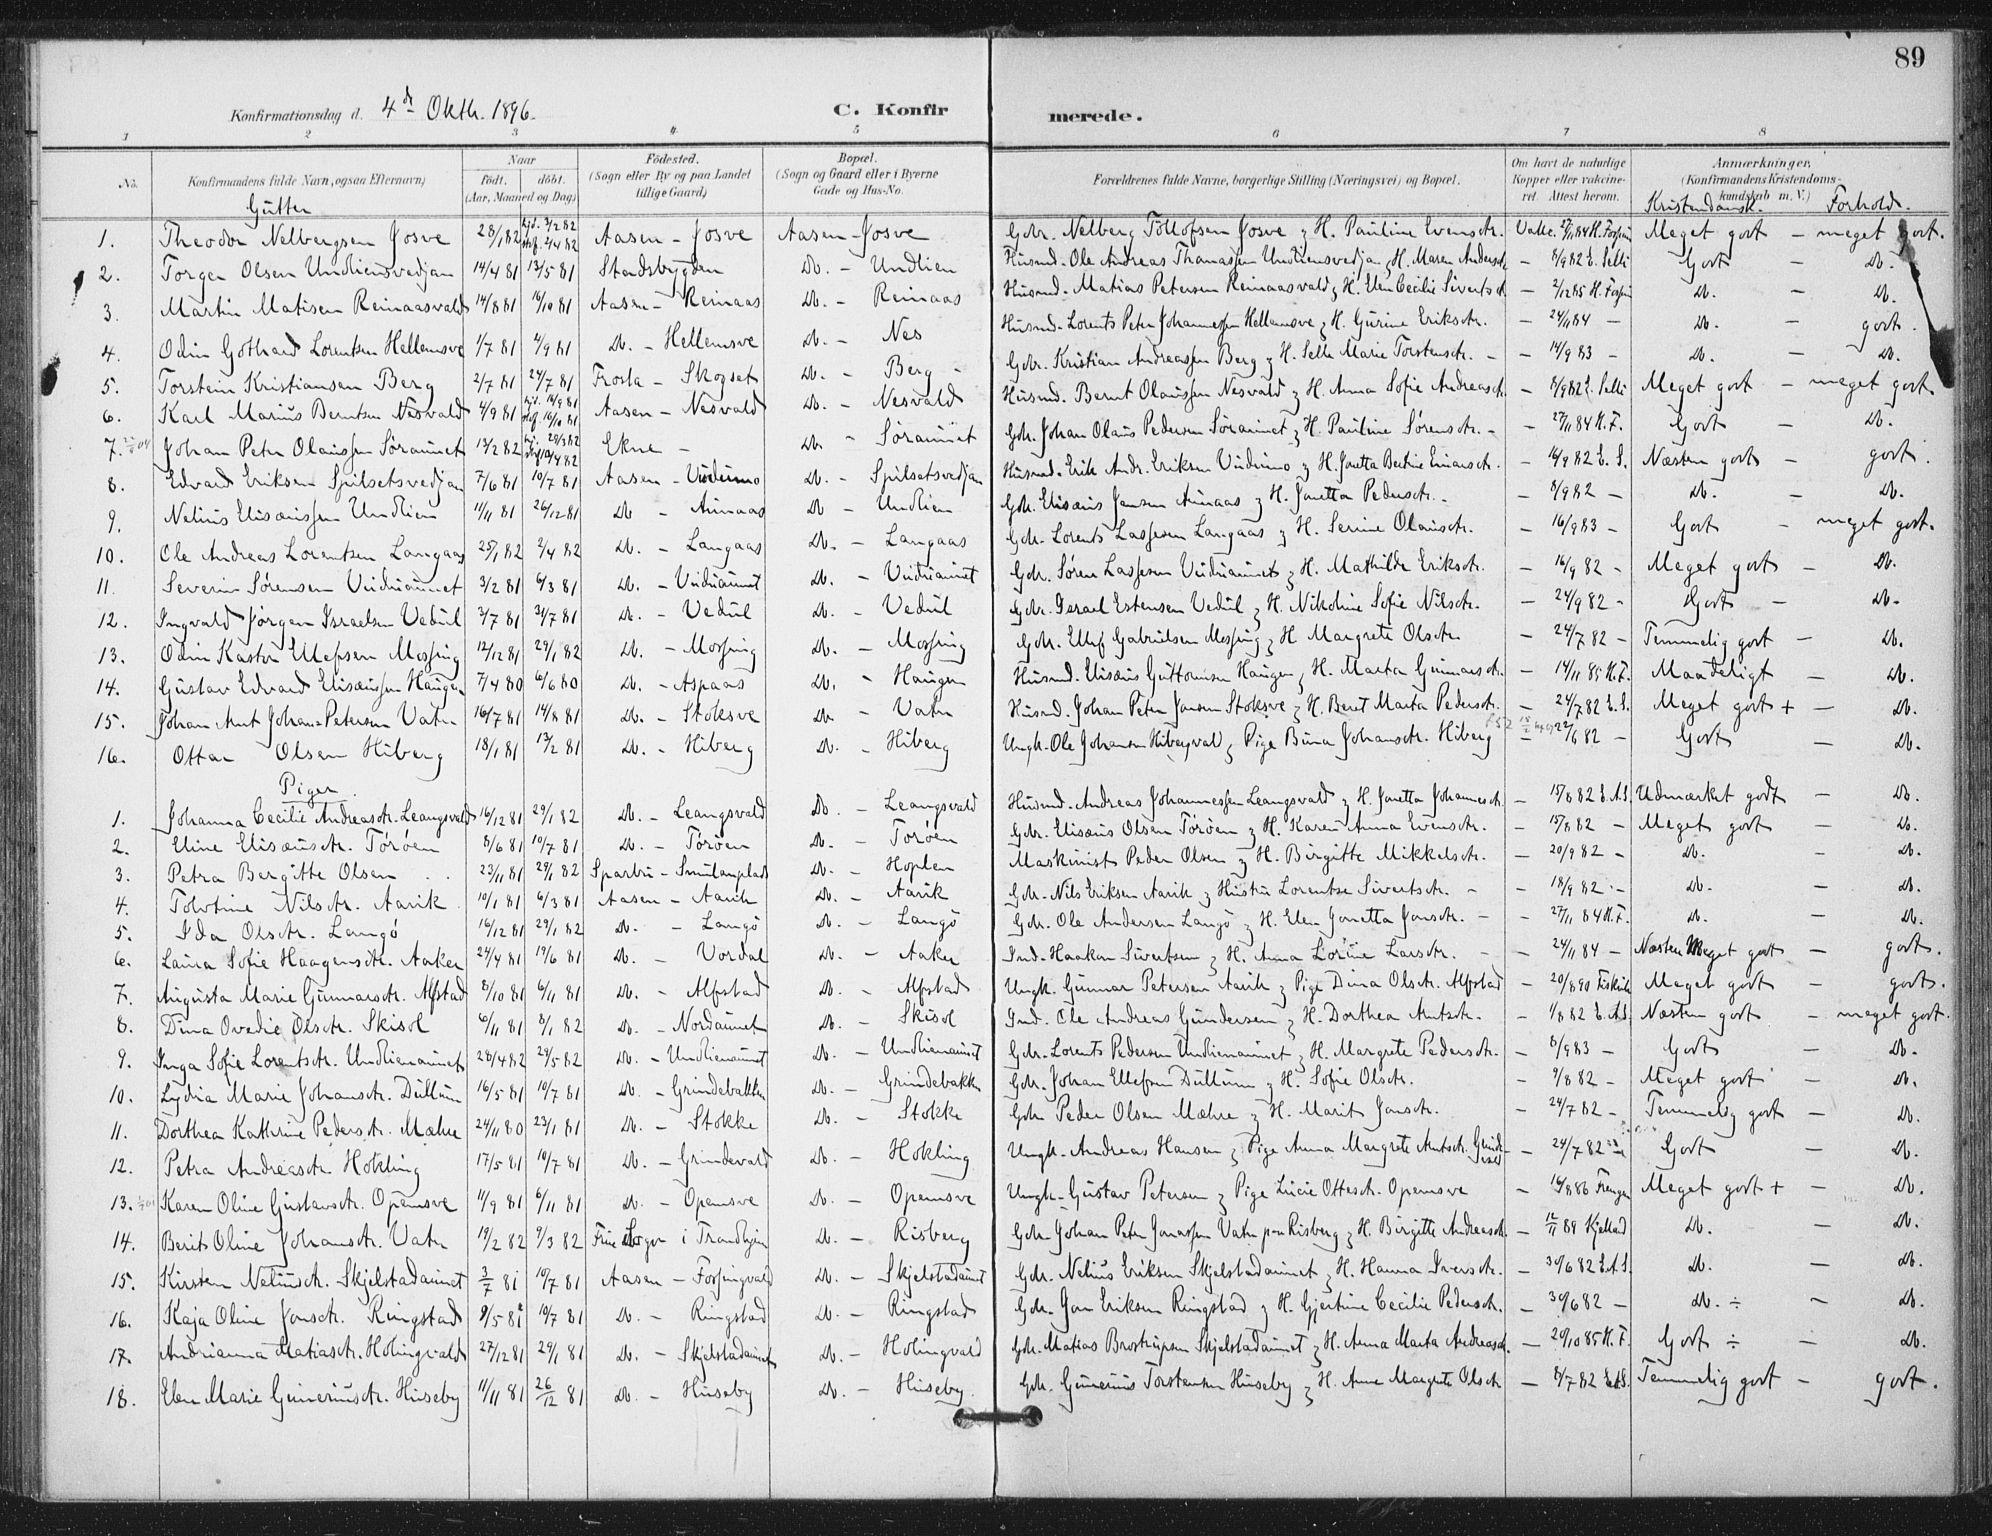 SAT, Ministerialprotokoller, klokkerbøker og fødselsregistre - Nord-Trøndelag, 714/L0131: Ministerialbok nr. 714A02, 1896-1918, s. 89